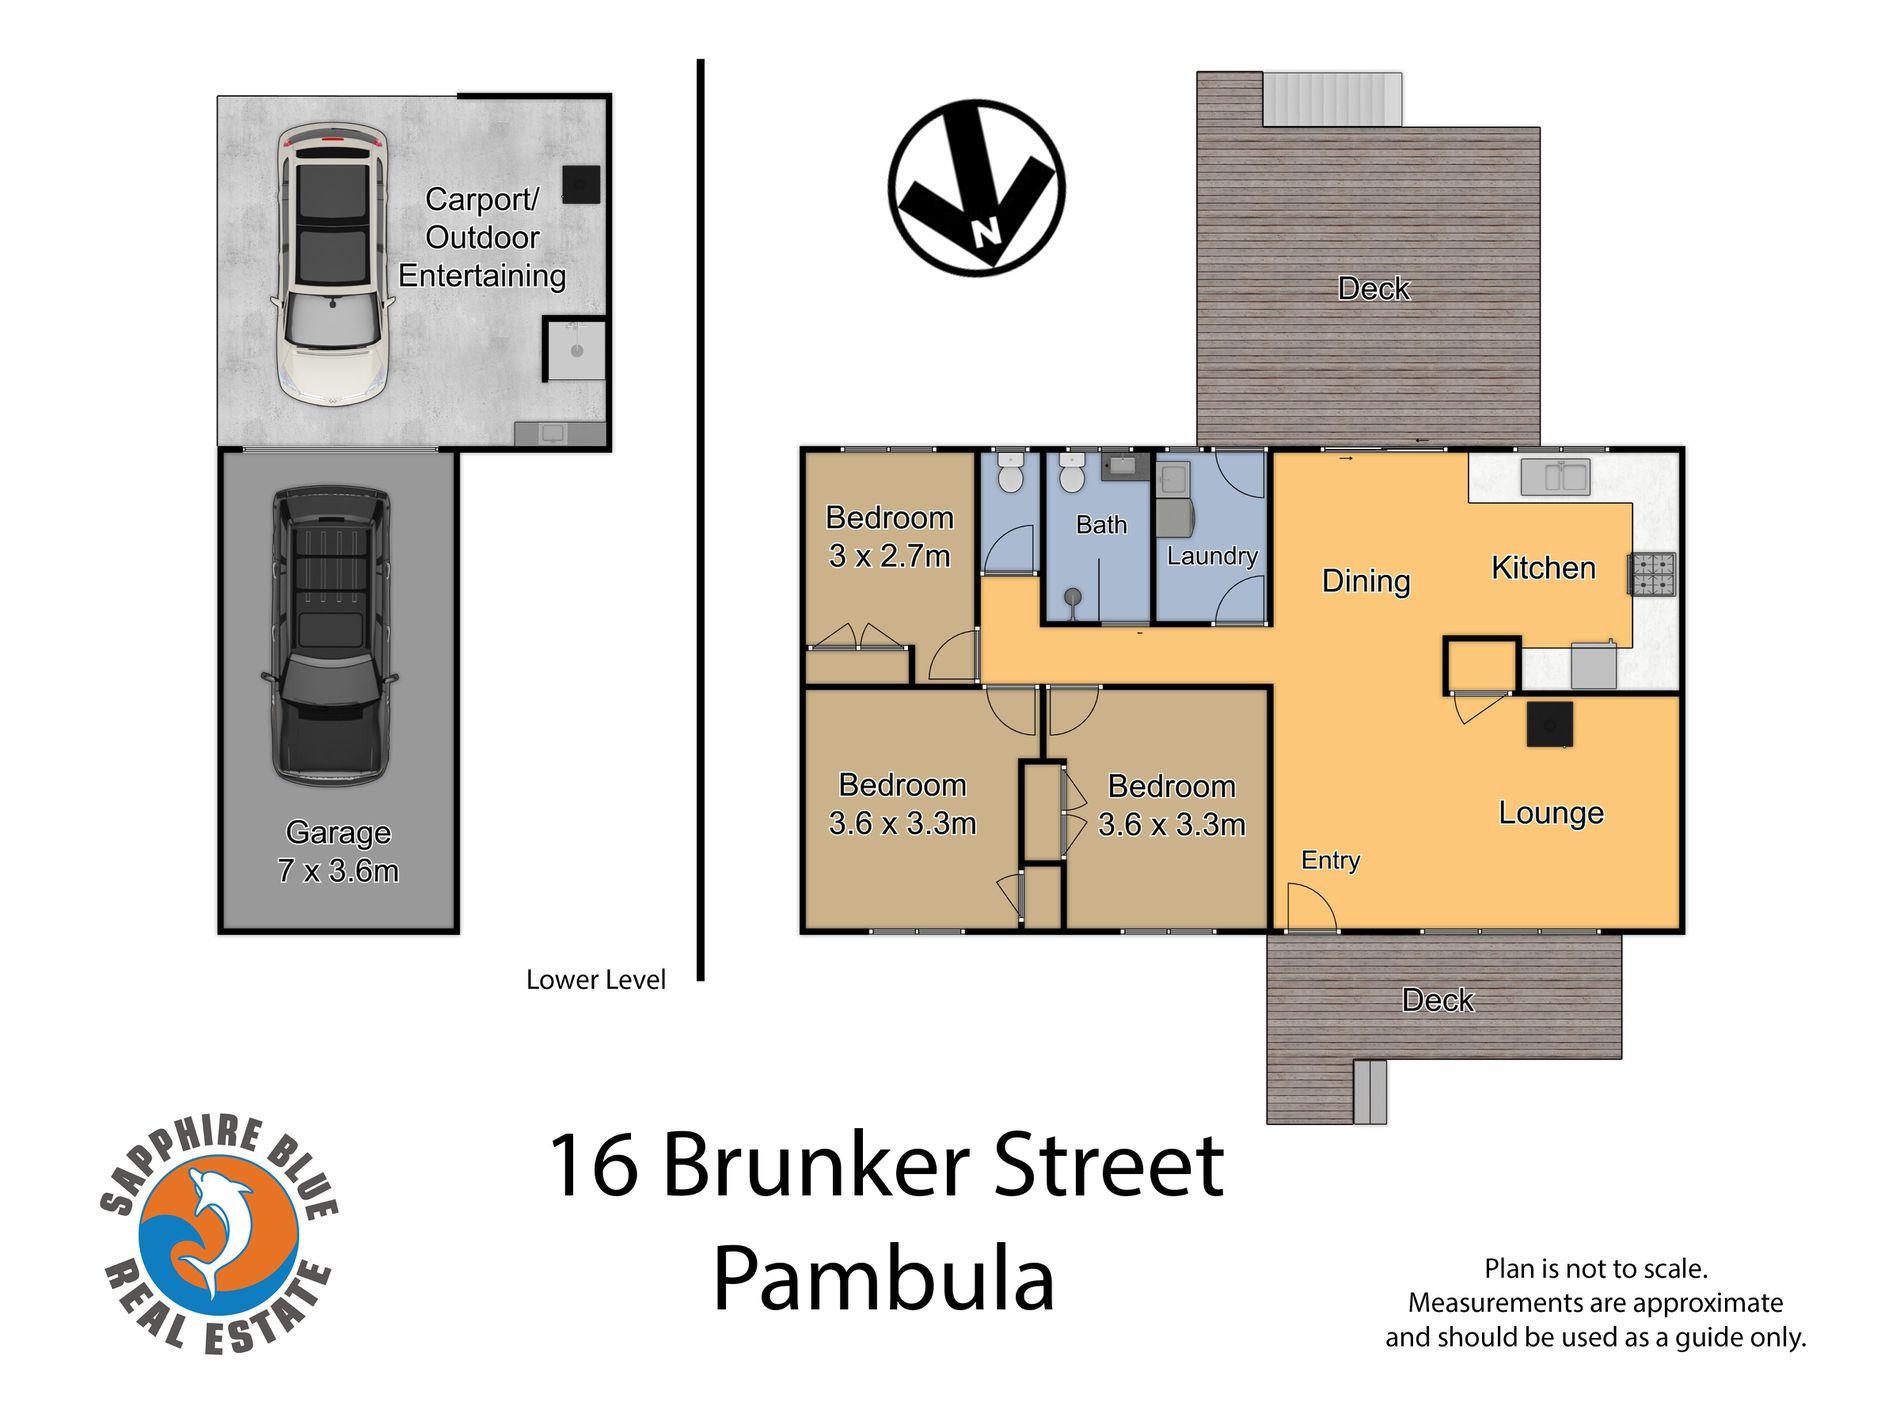 16 Brunker Street, Pambula